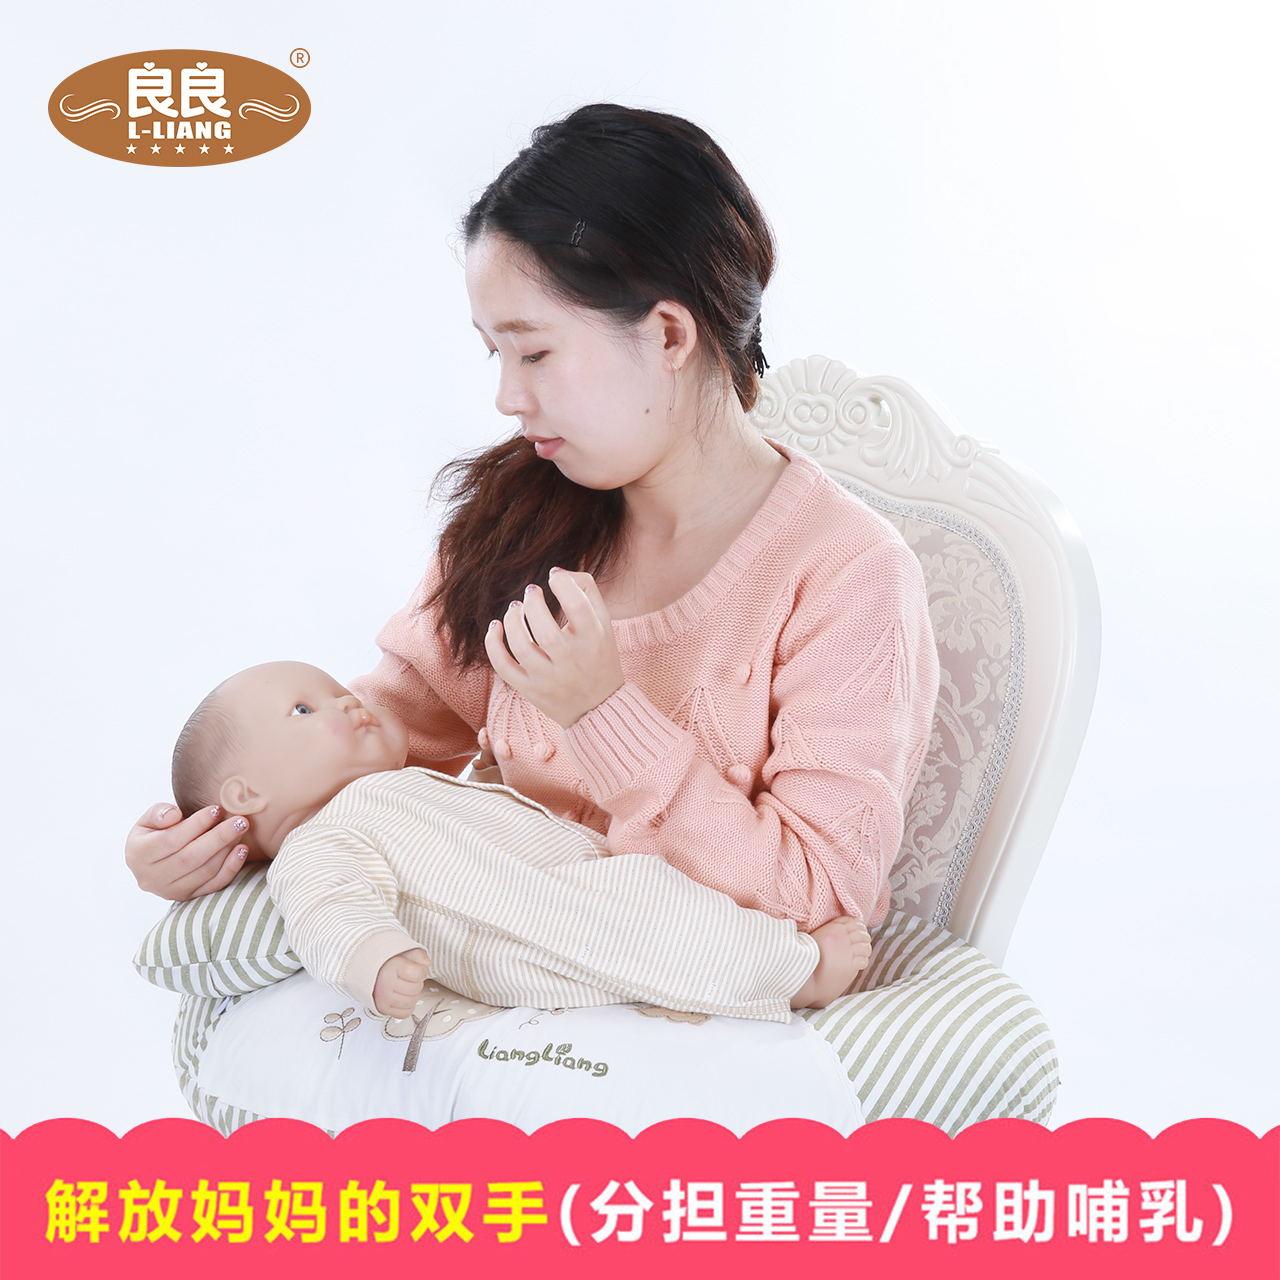 良良 哺乳枕头多功能孕妇枕护腰枕侧睡枕 宝宝学坐枕婴儿喂奶枕1元优惠券